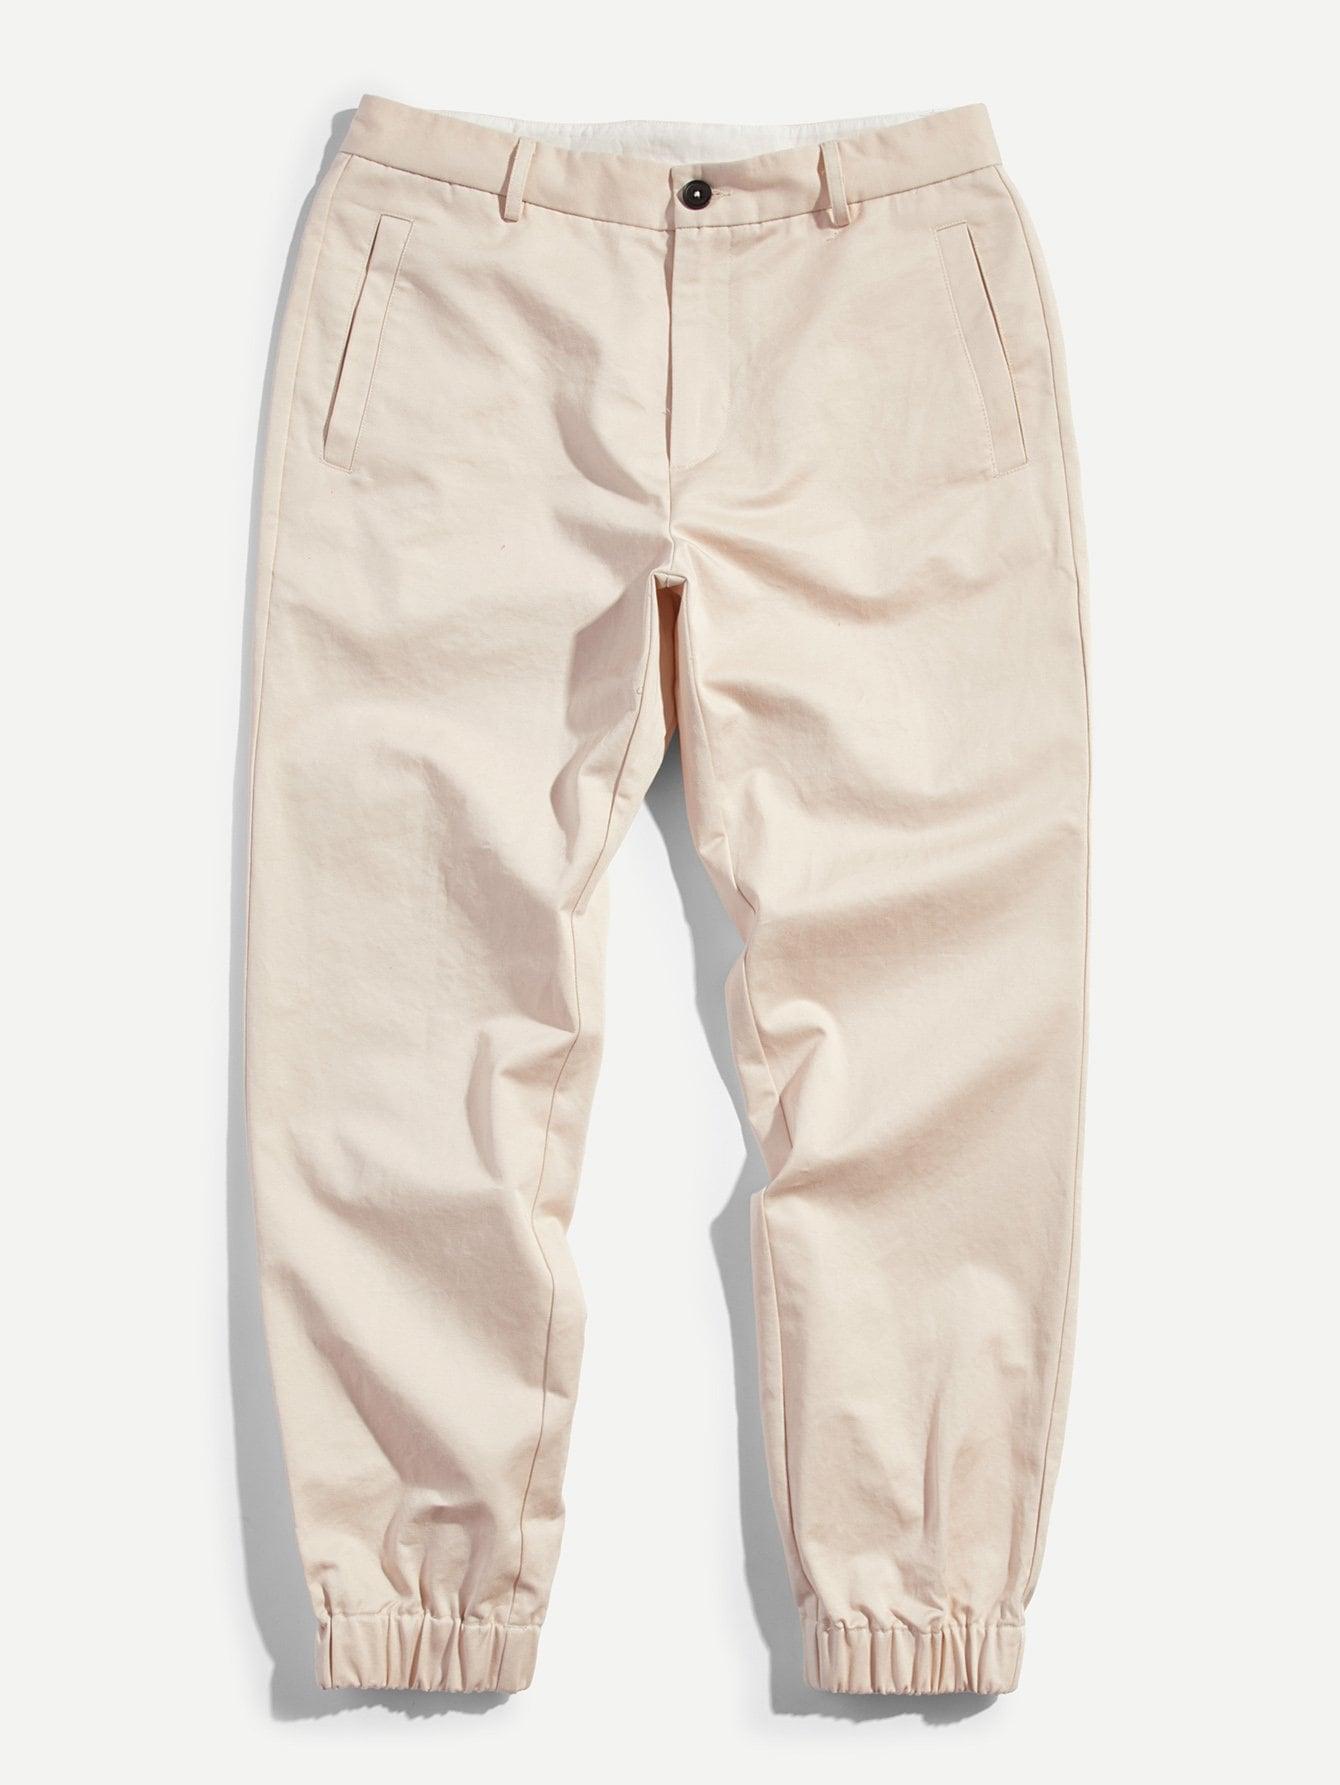 Купить Эластичнческие брюки с украшением пуговиц для мужчины, null, SheIn